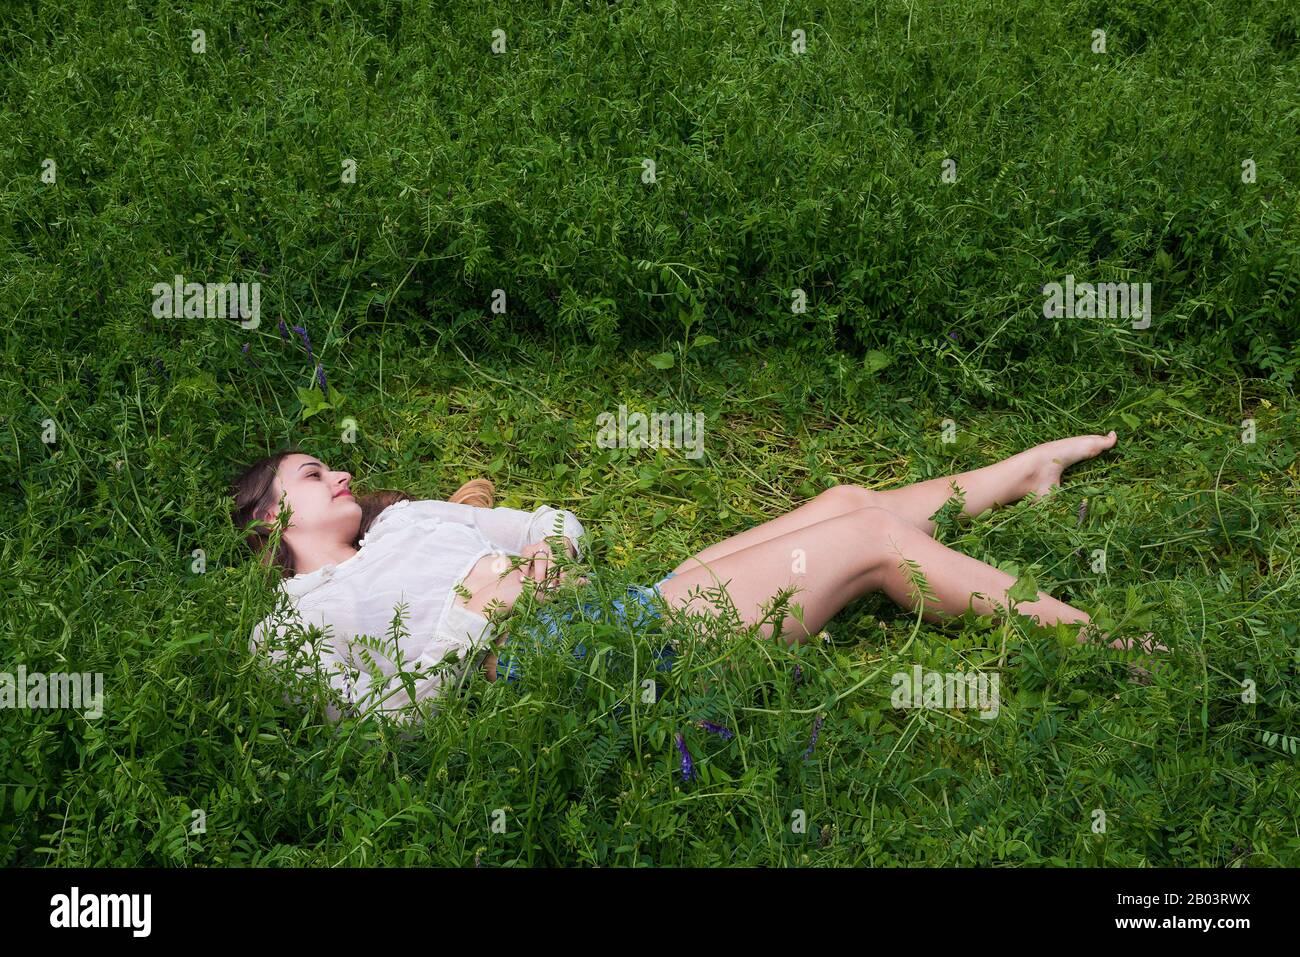 Eine junge Frau, die sich auf einem Gebiet der Fetch niederlegt. Stockfoto